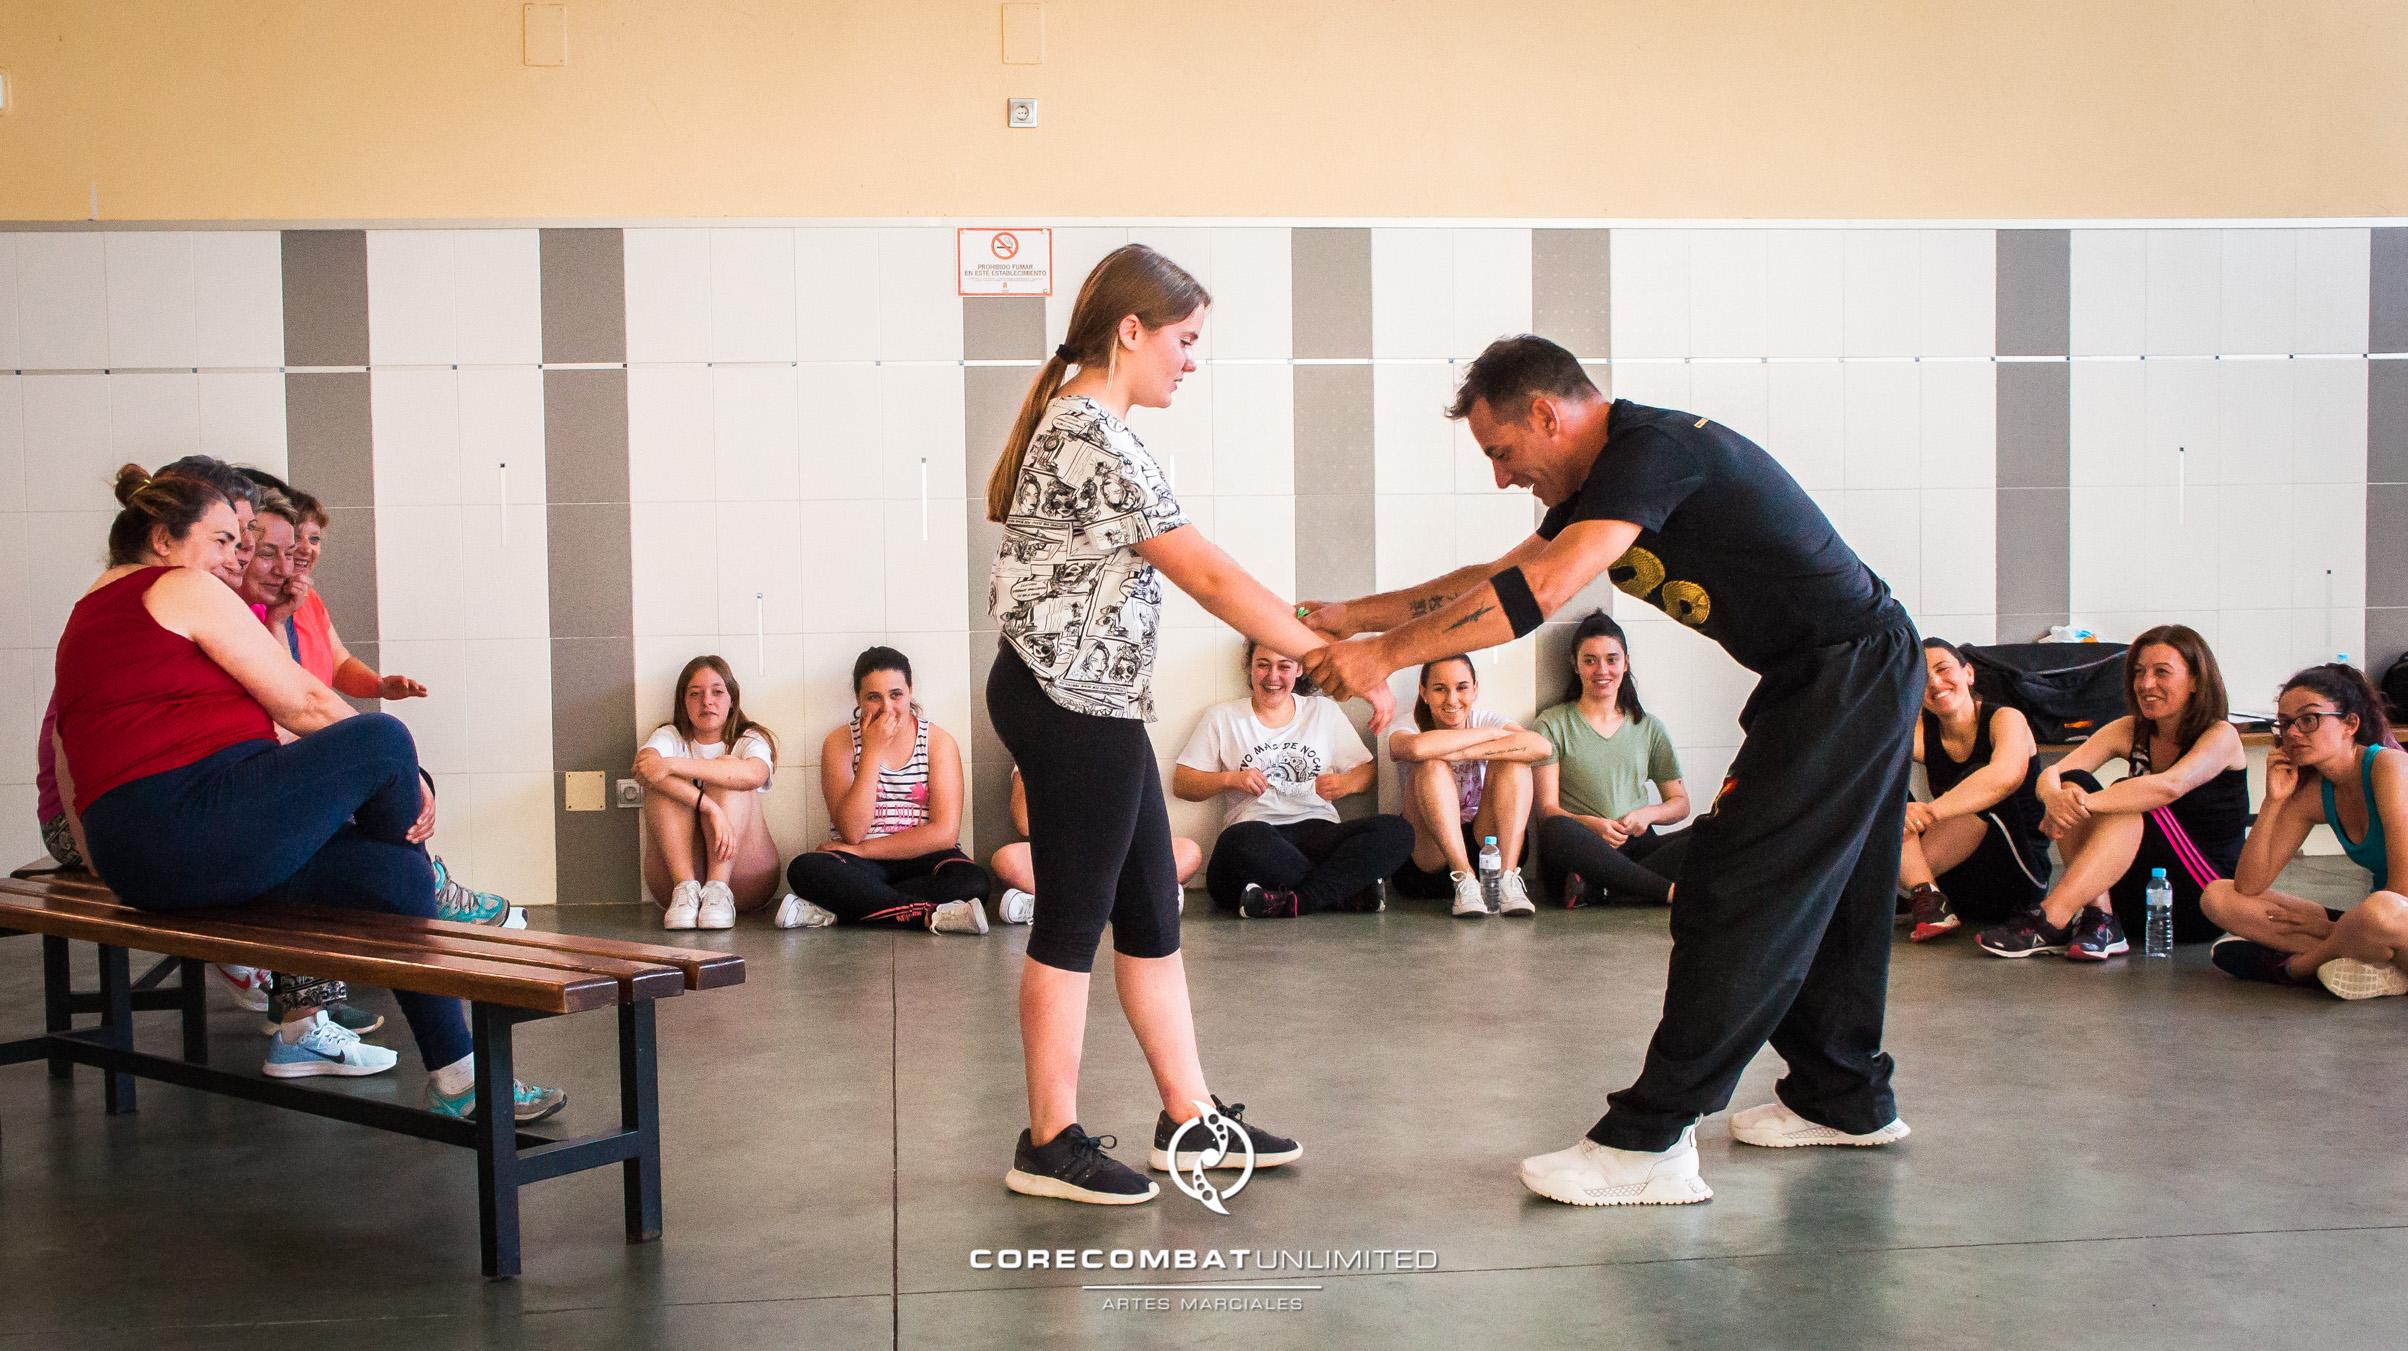 curso-defensa-personal-para-mujeres-zamora-coreses-artes-marciales-zamora-core-combat-salamanca-valladolid-leon-madrid-40